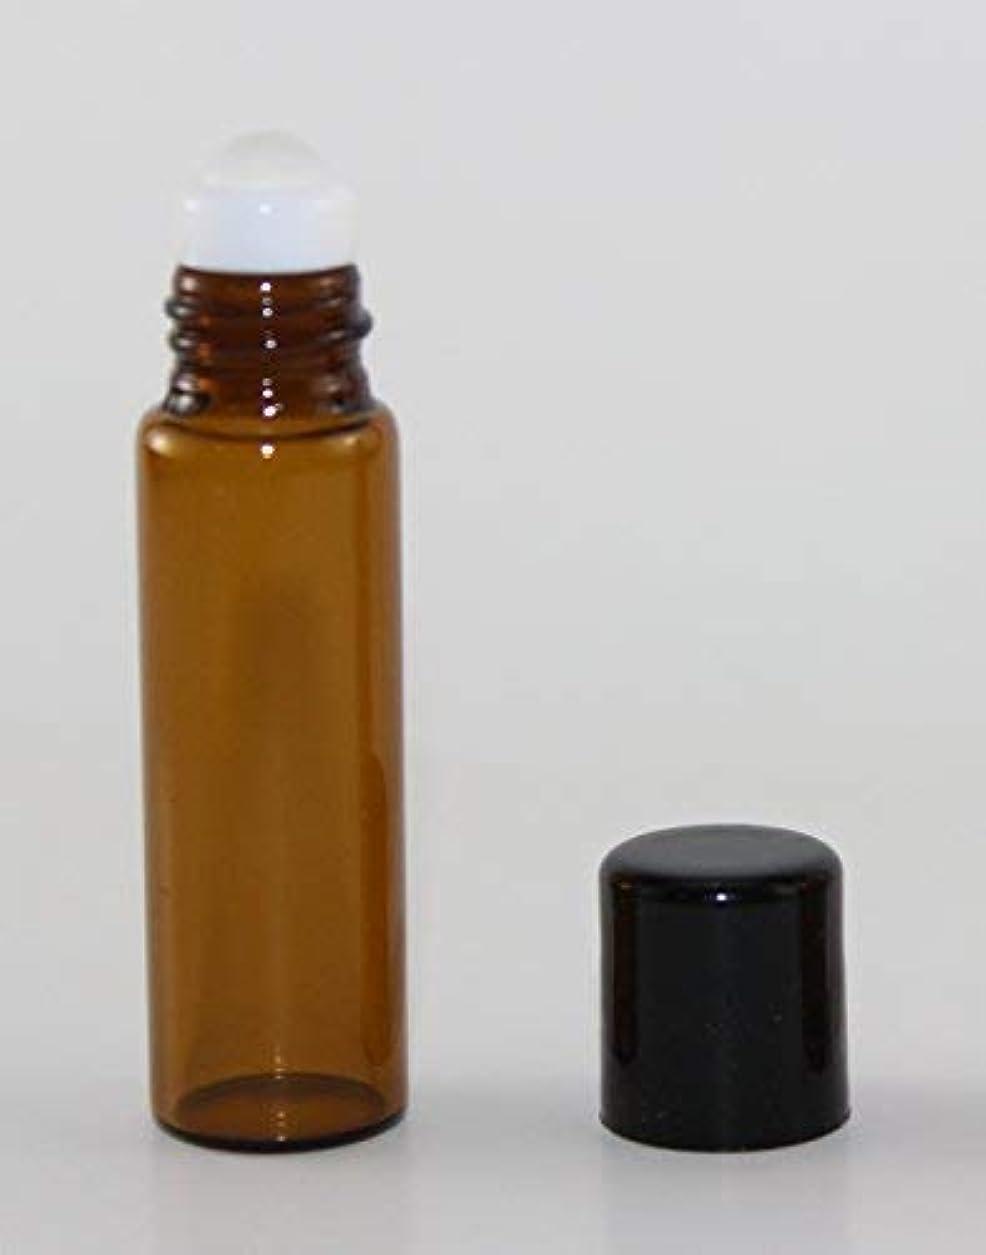 塊キャリアトランペットUSA 72 Amber Glass 5 ml Roll-On Glass Bottles with GLASS Roller Roll On Balls - Refillable Aromatherapy Essential...